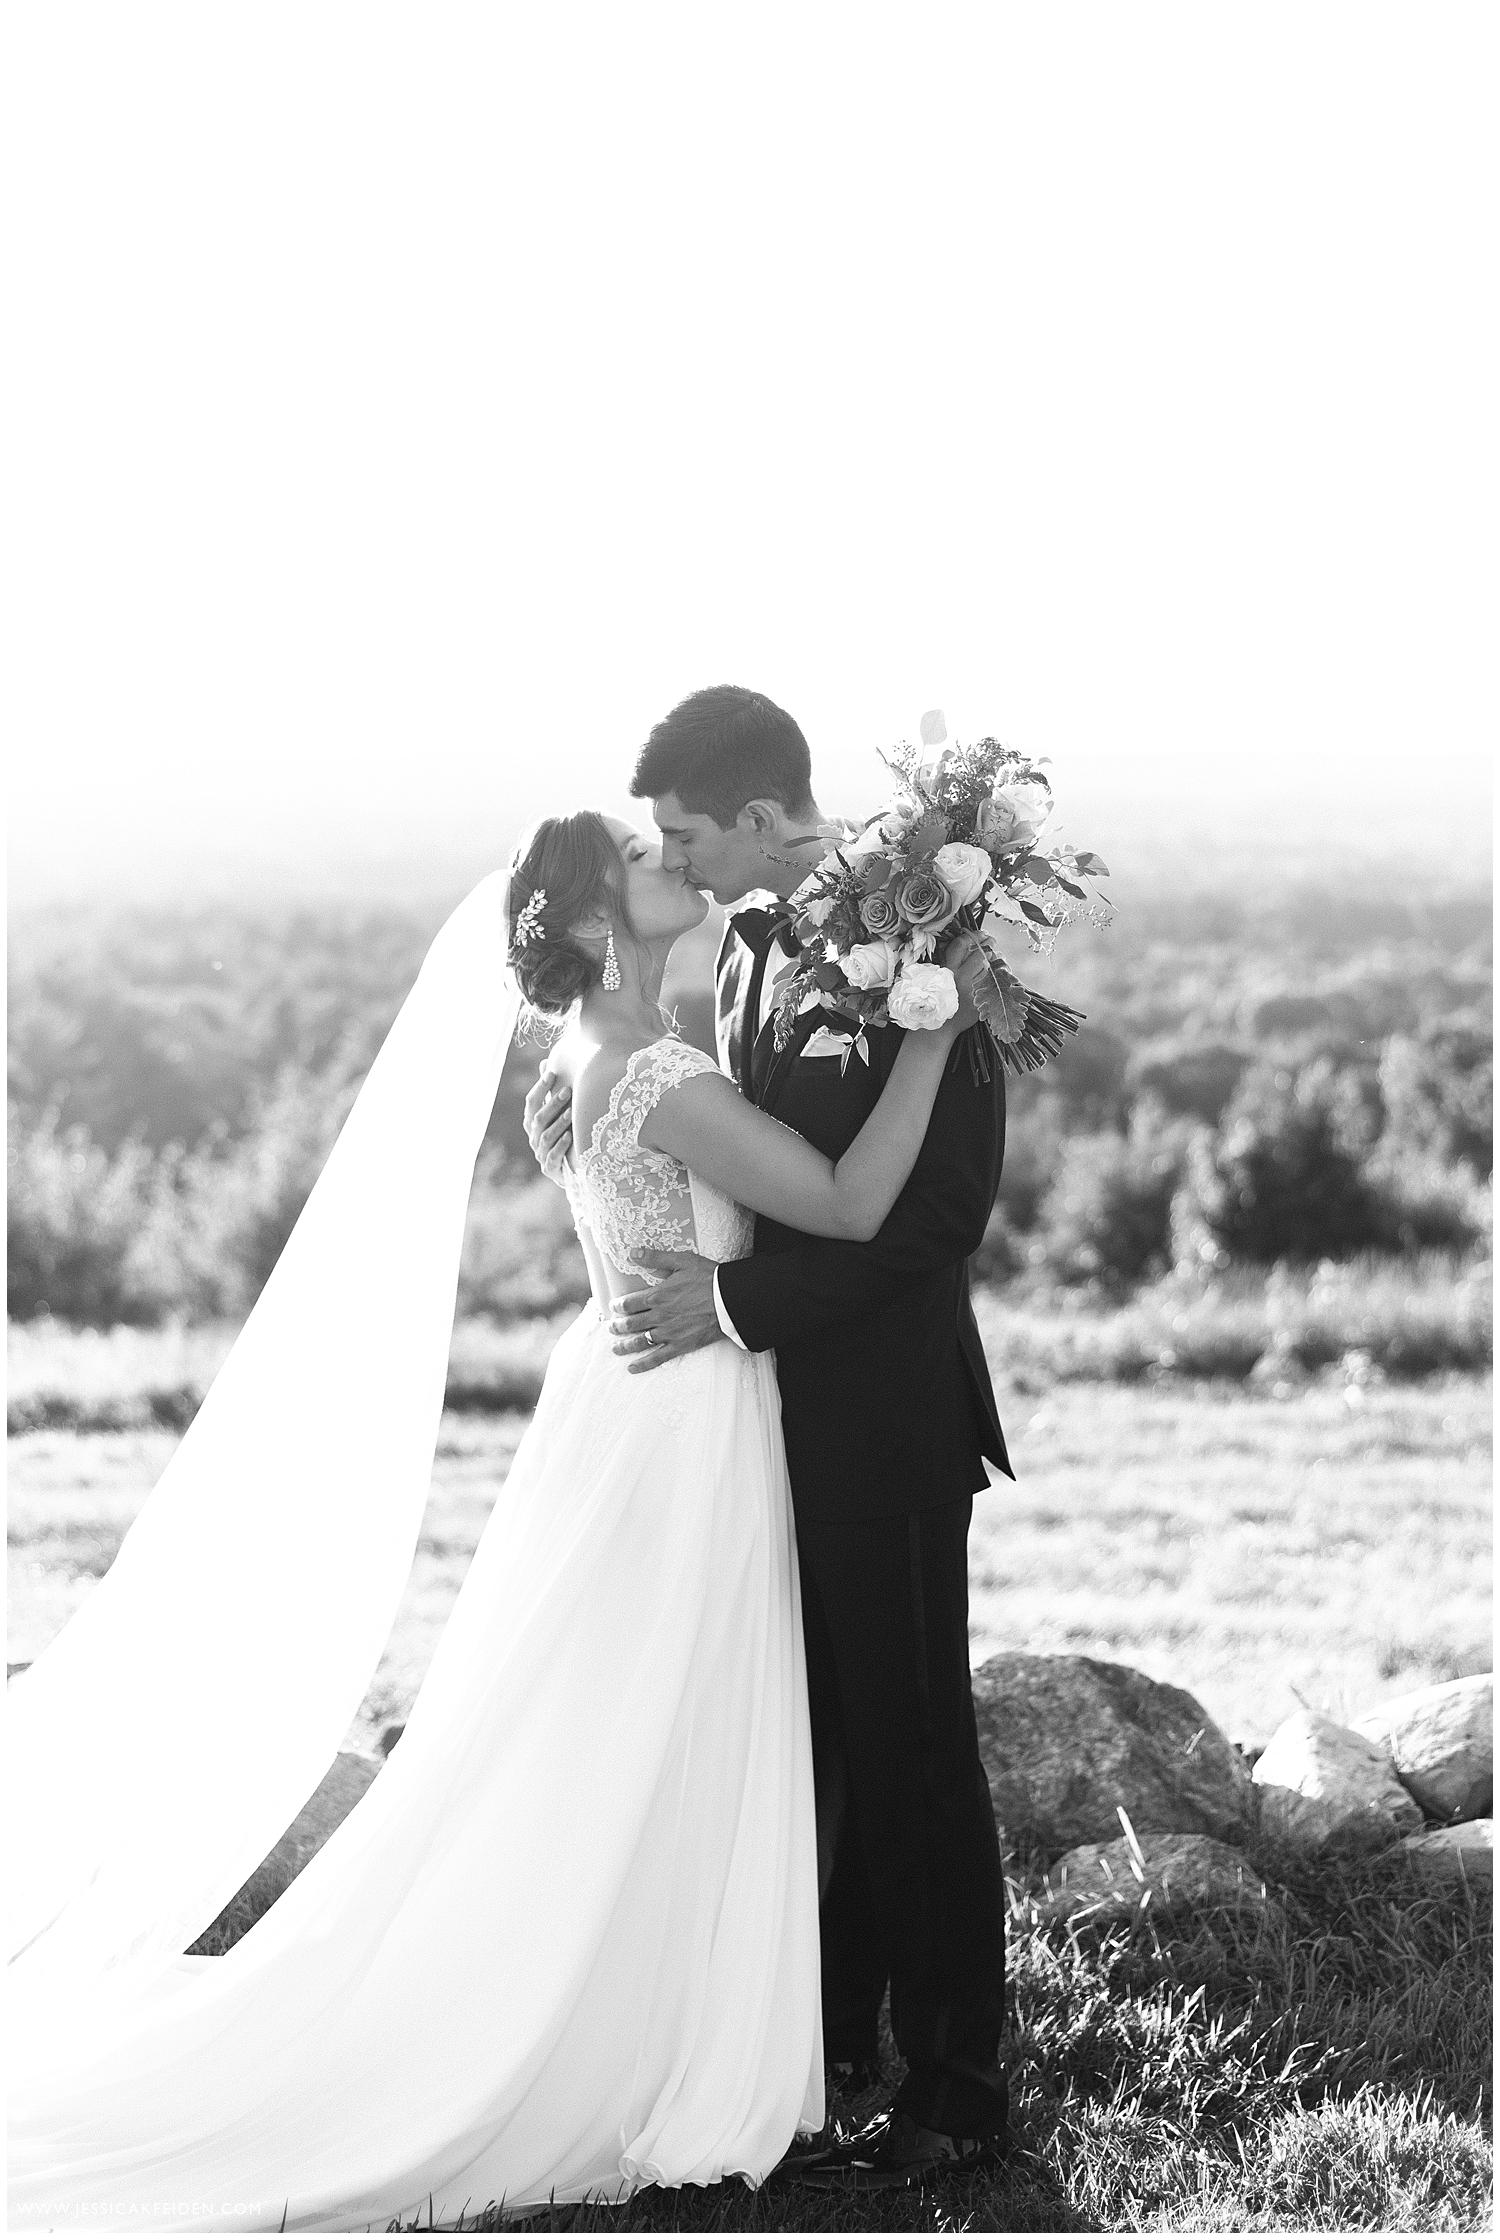 Jessica K Feiden Photography_The Fruitlands Museum Wedding_0051.jpg